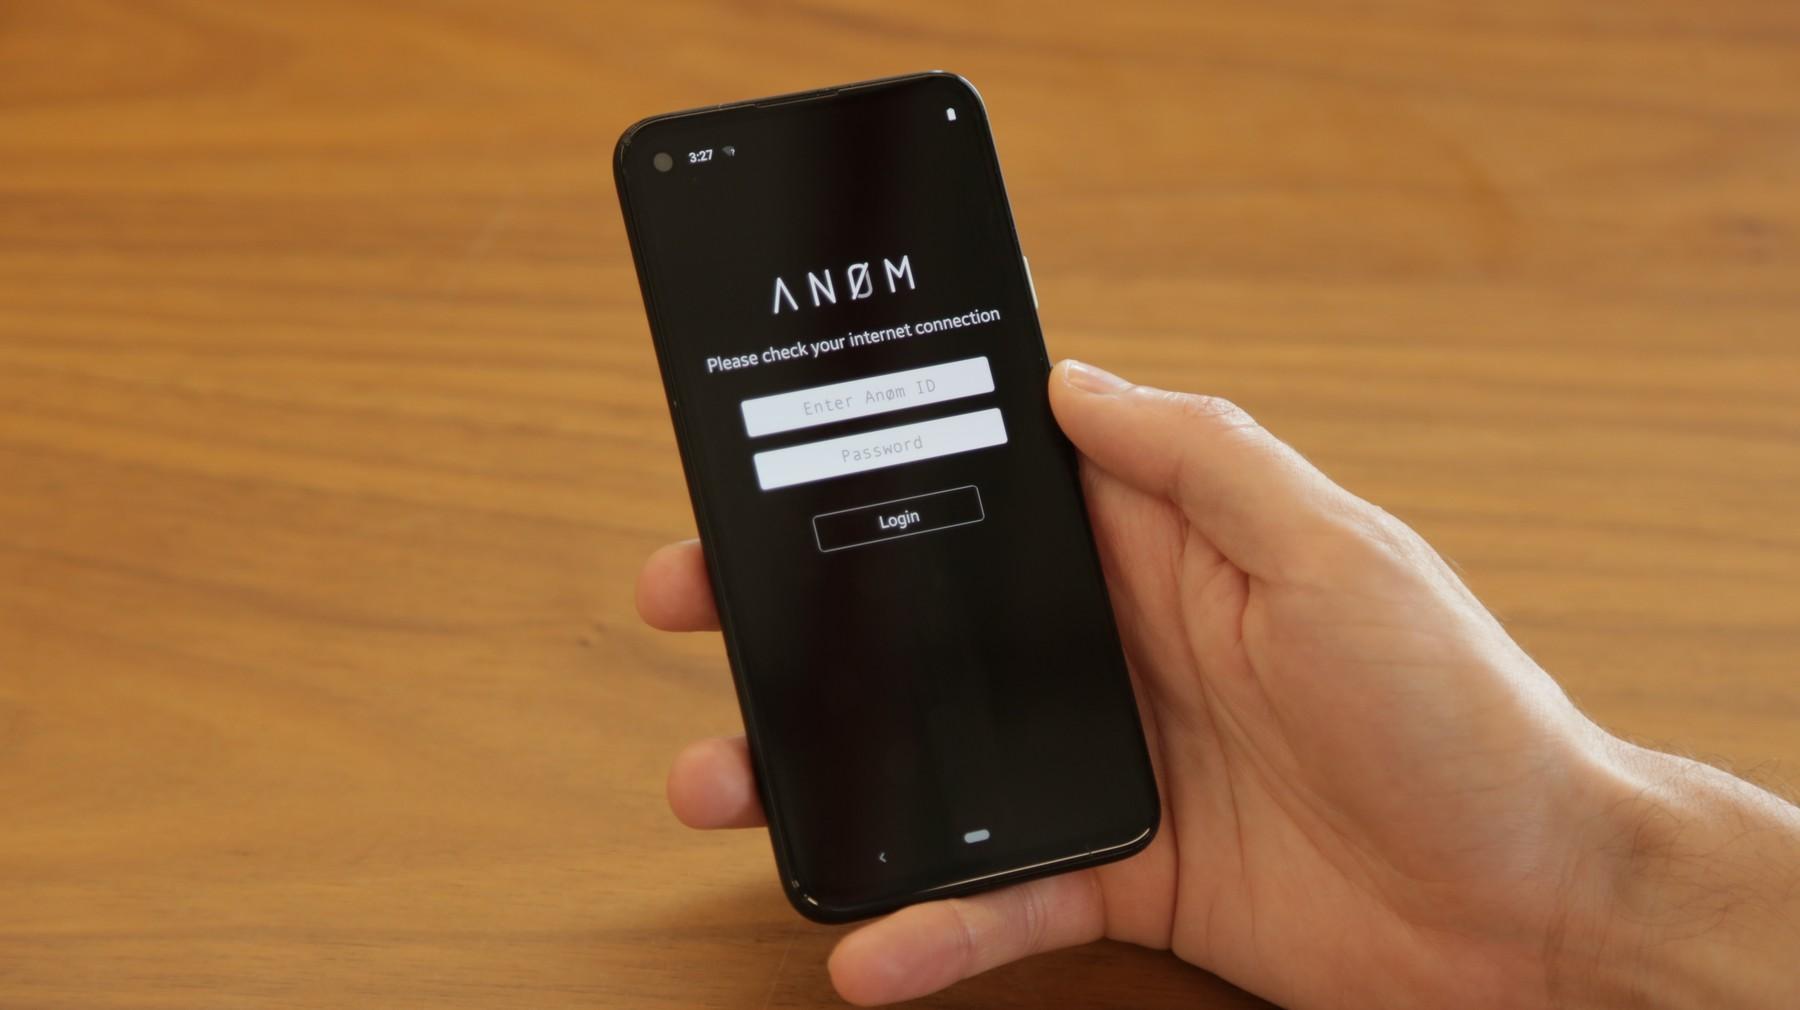 Телефоны Anom попали на вторичный рынок: это Google Pixel со странной ОС